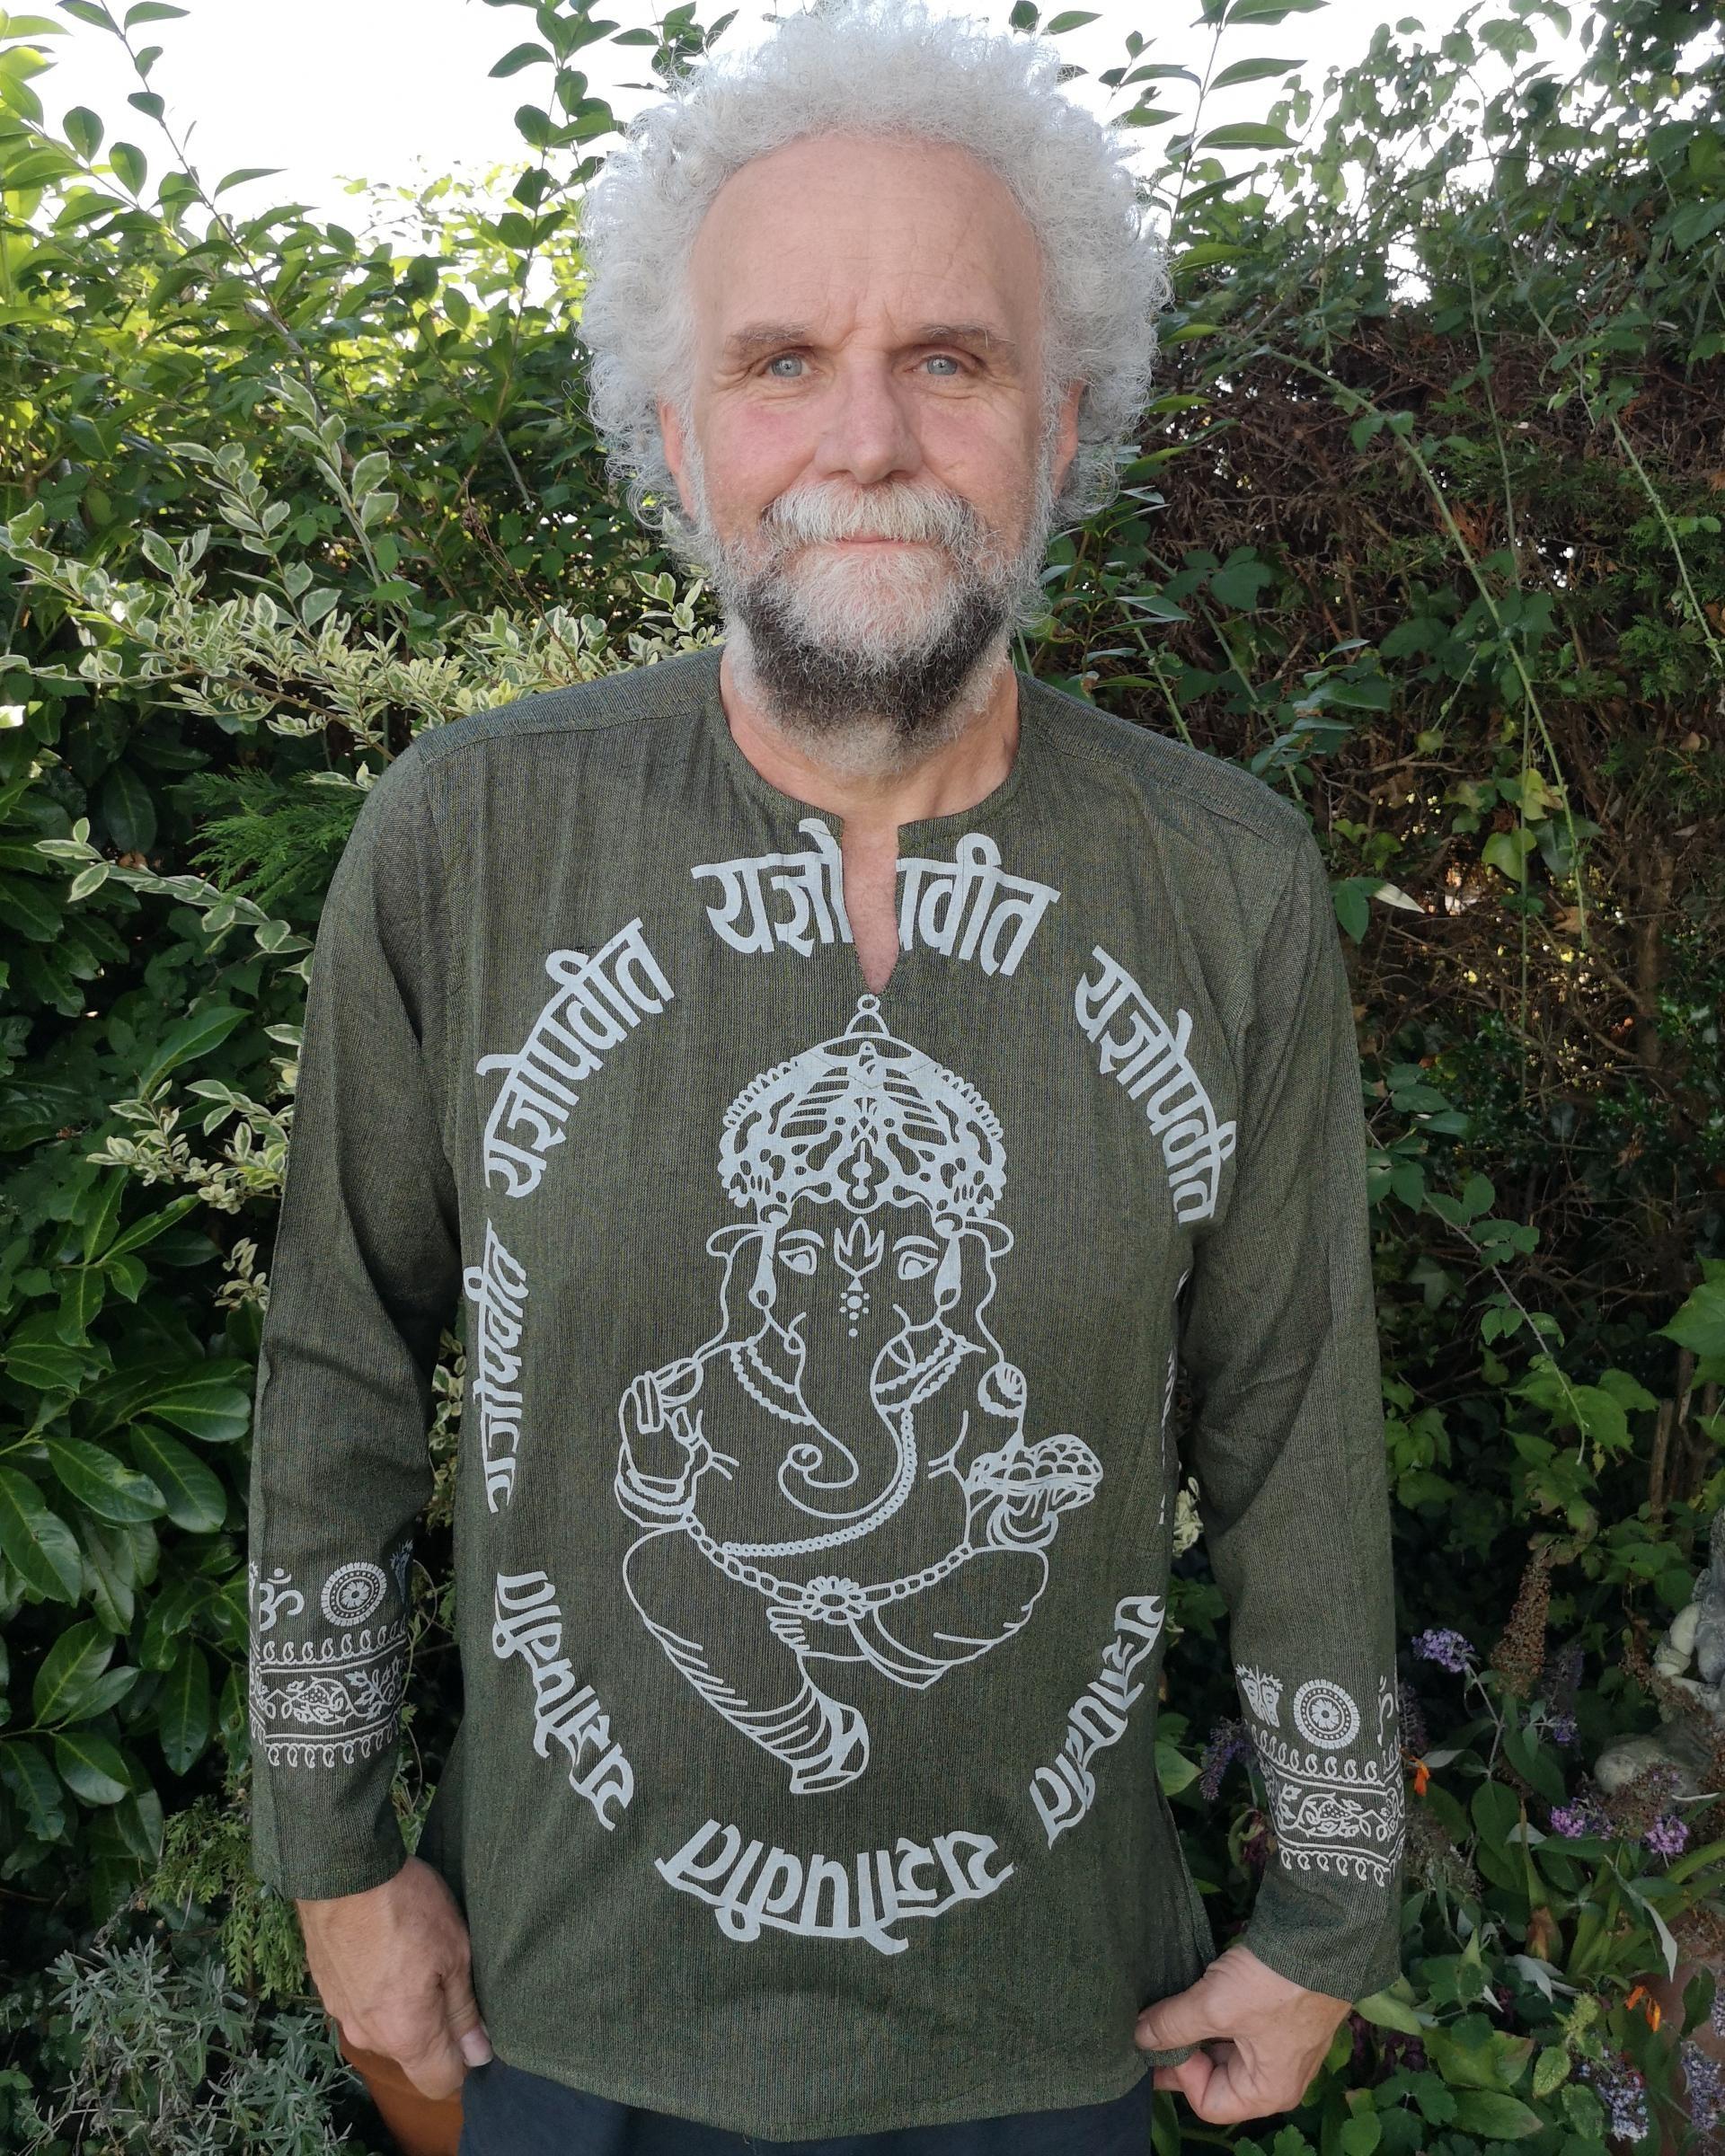 Ganesh Shirt Khaki